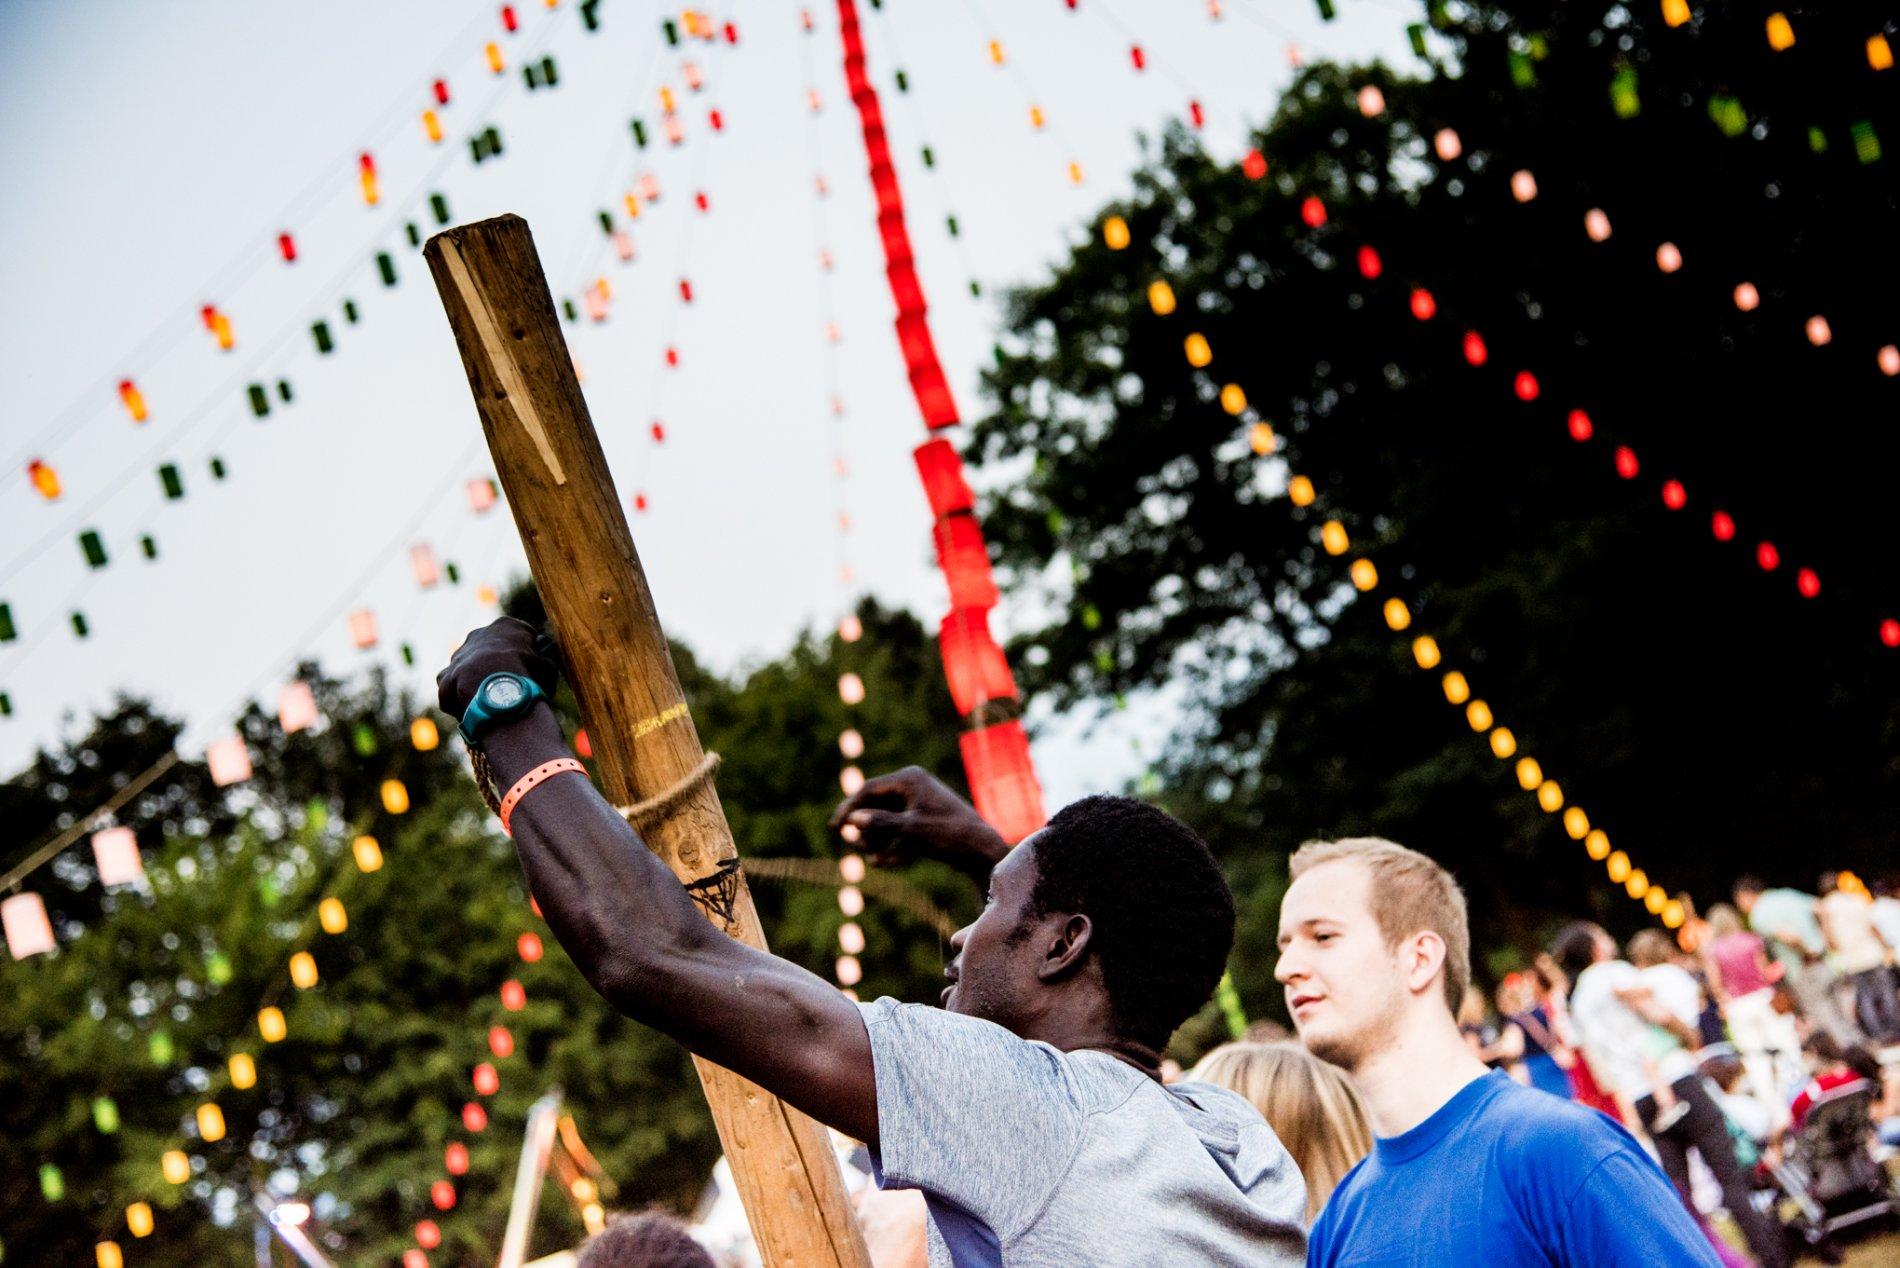 Tolle Live-Musik beim Lichterfest in Bad Krozingen